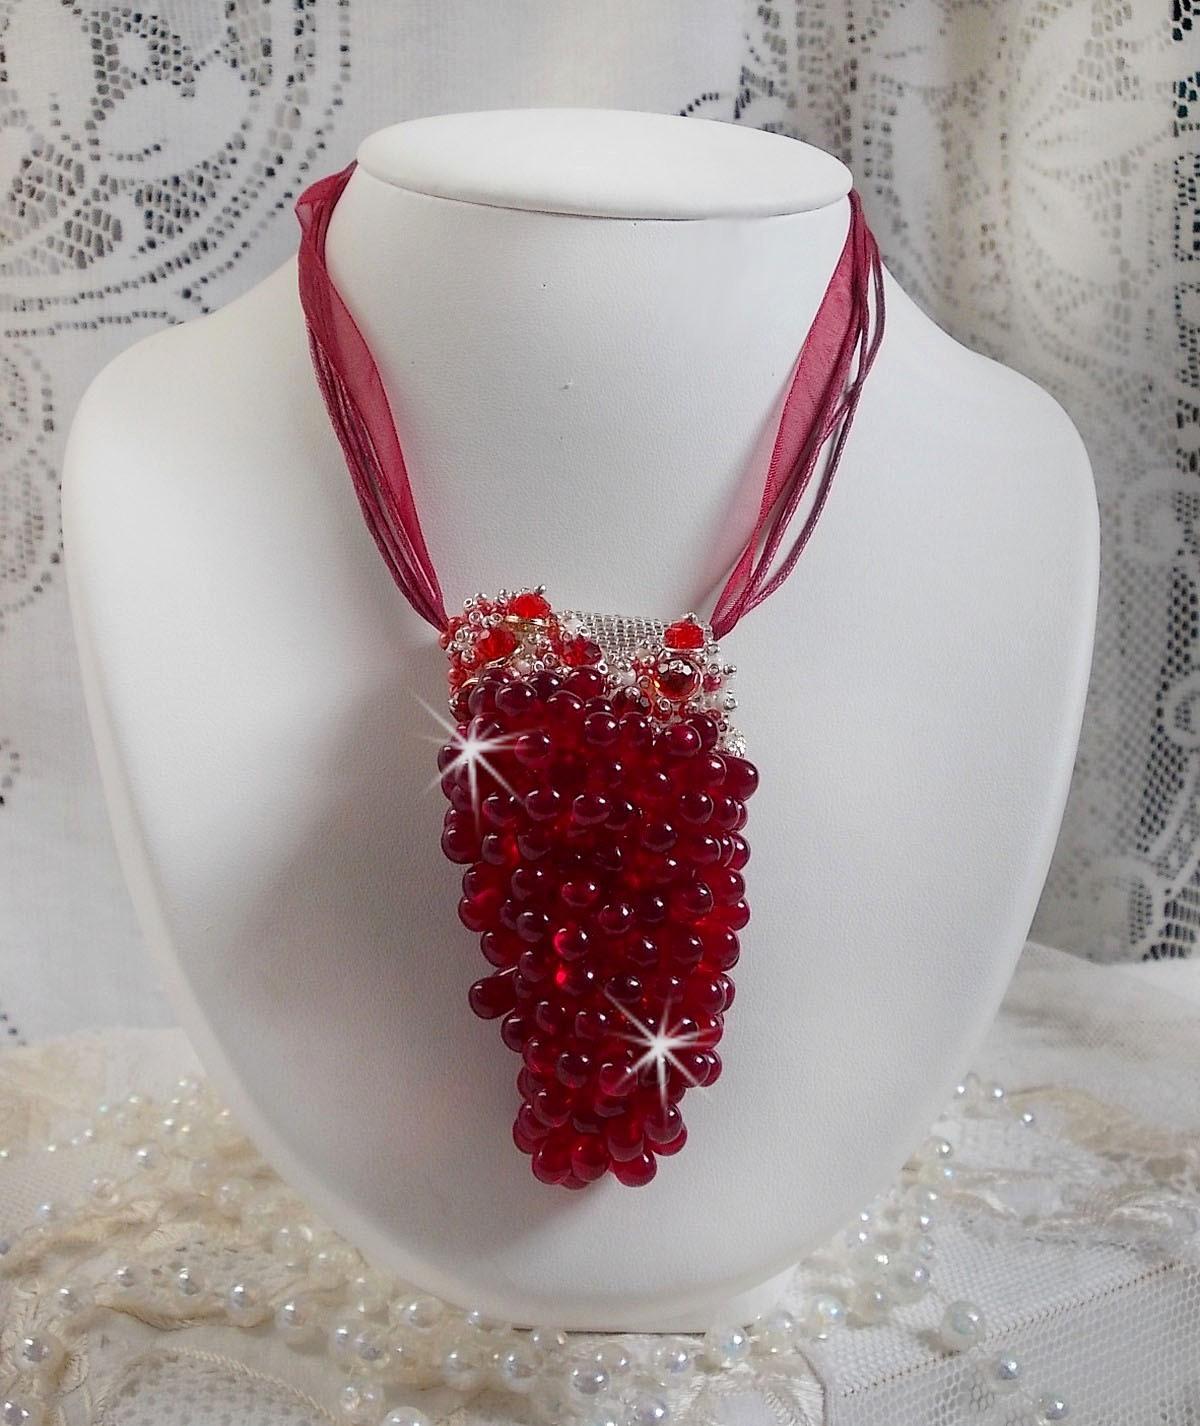 Collier pendentif Tendre Rouge monté avec des gouttes en verre rouge, des perles rondes facettées et des perles nacrées